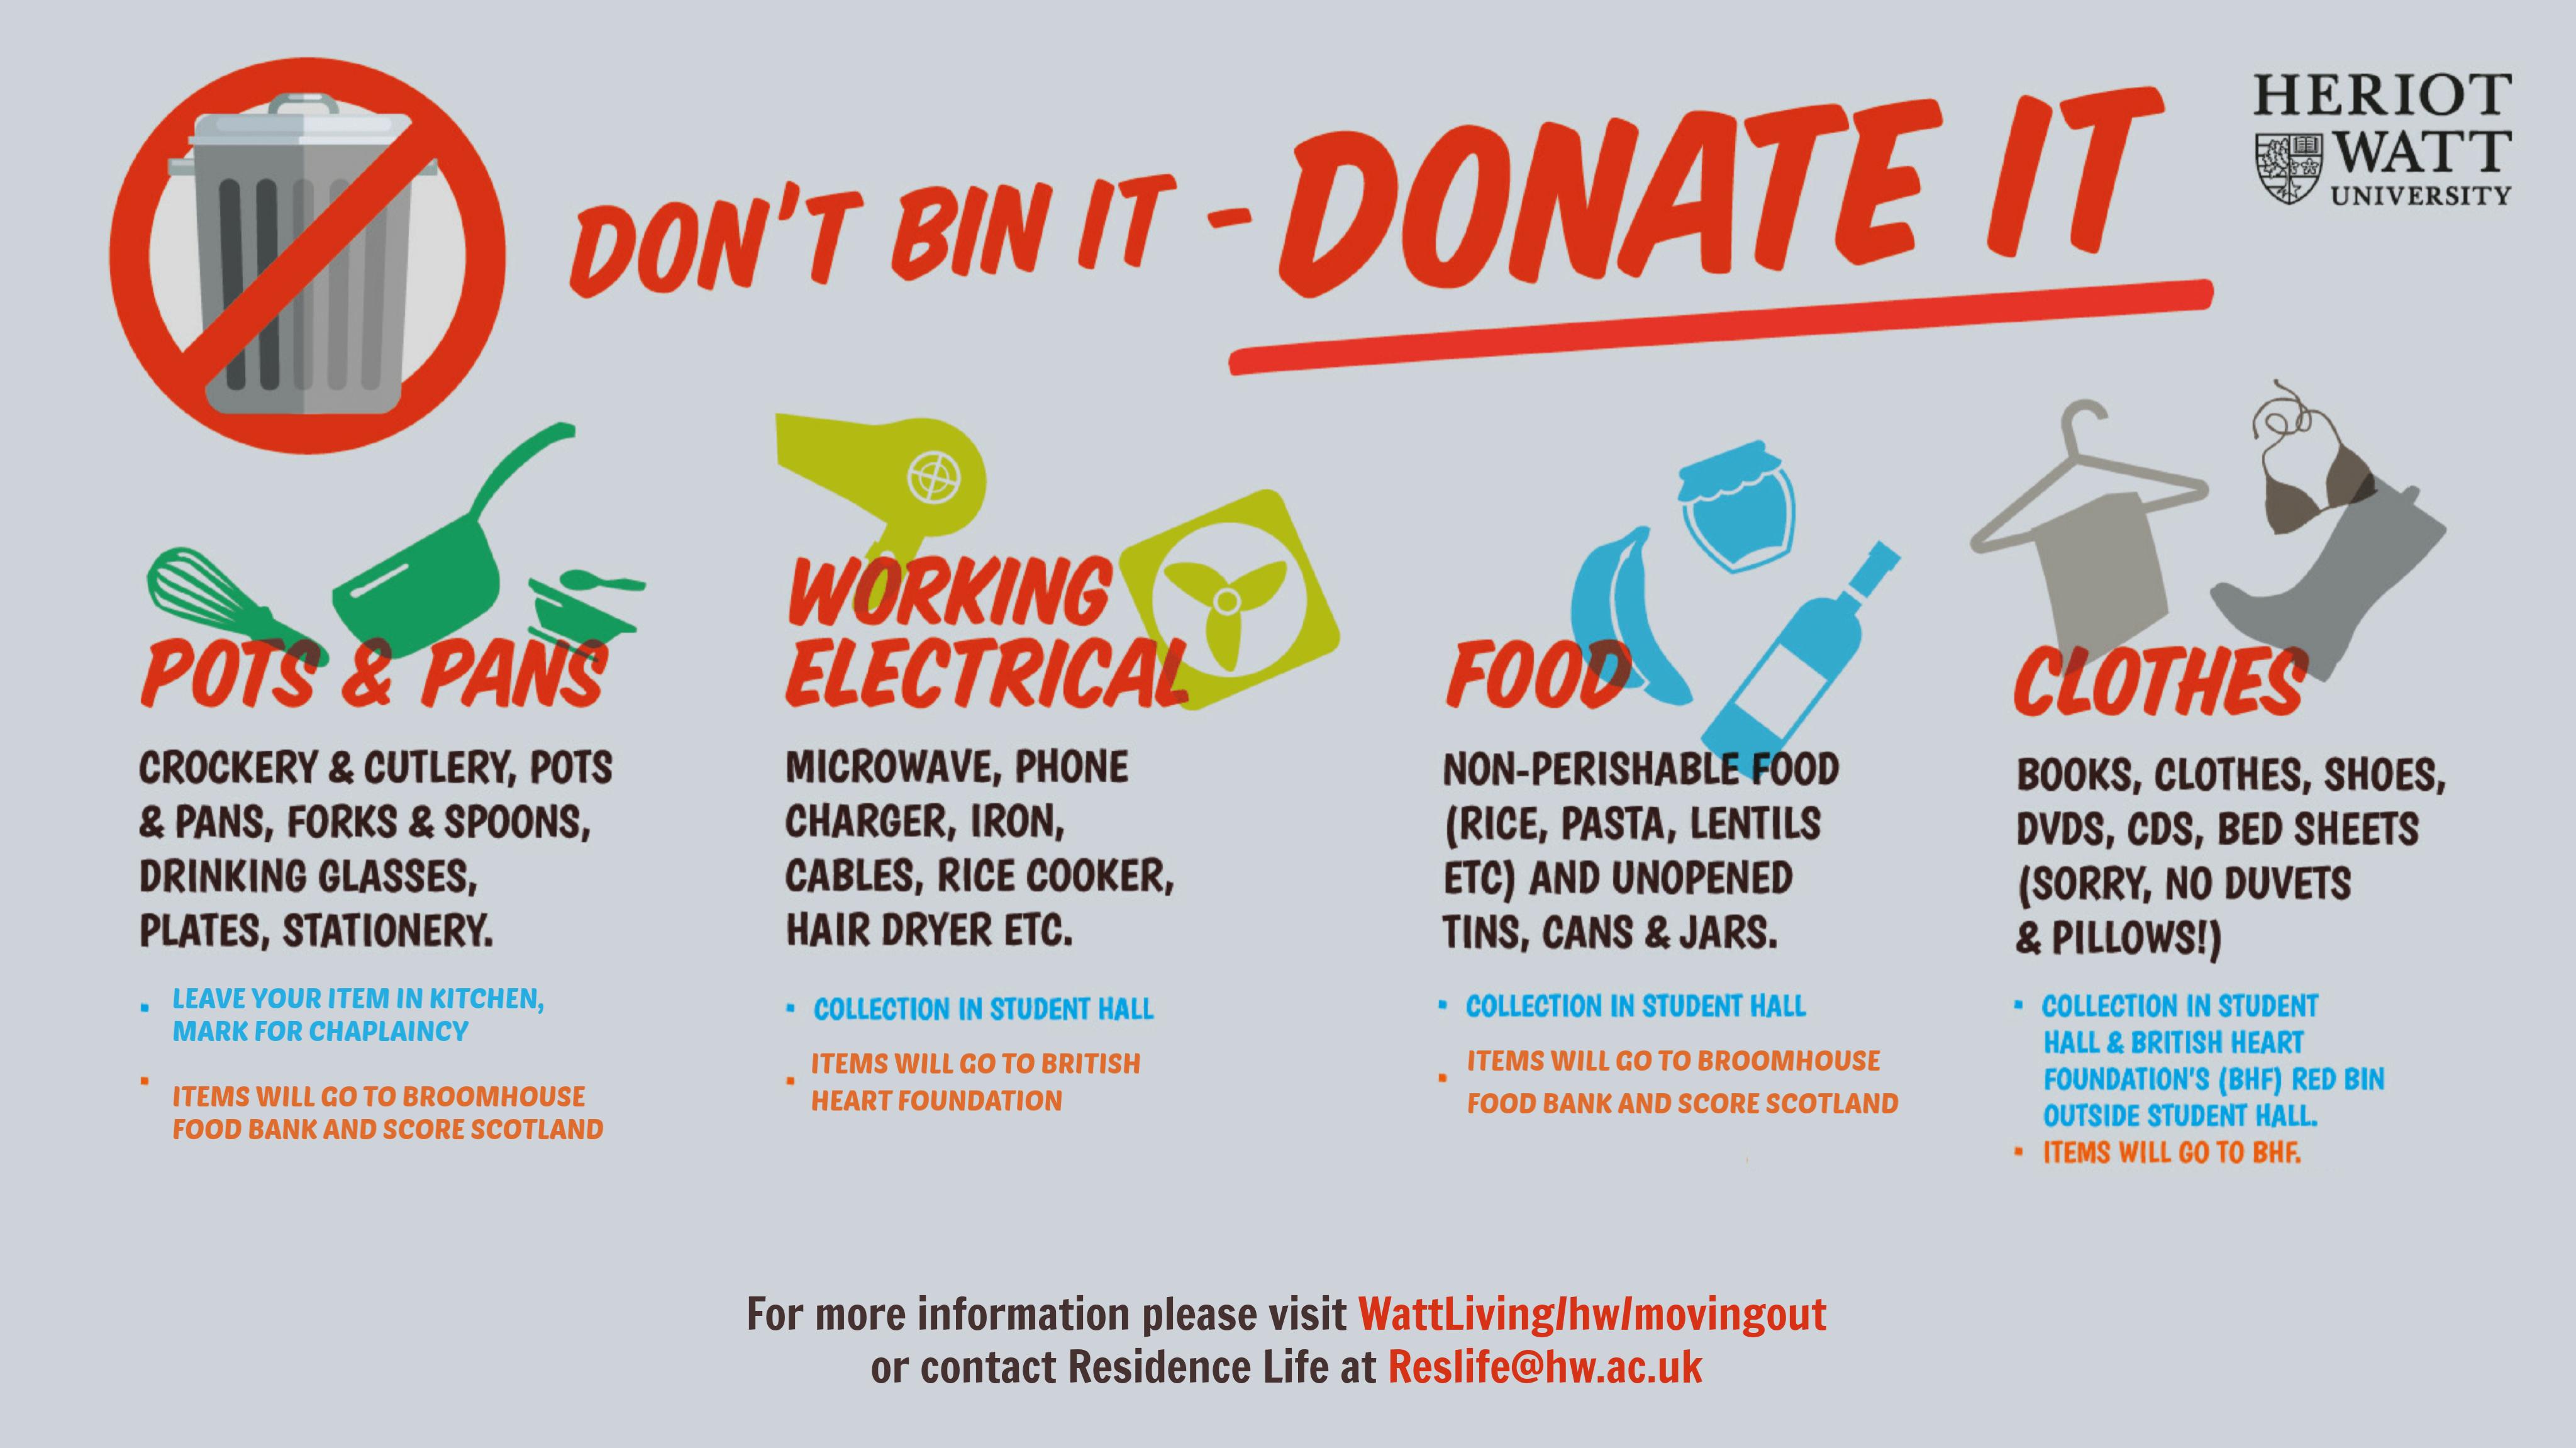 don't bin it - donate it